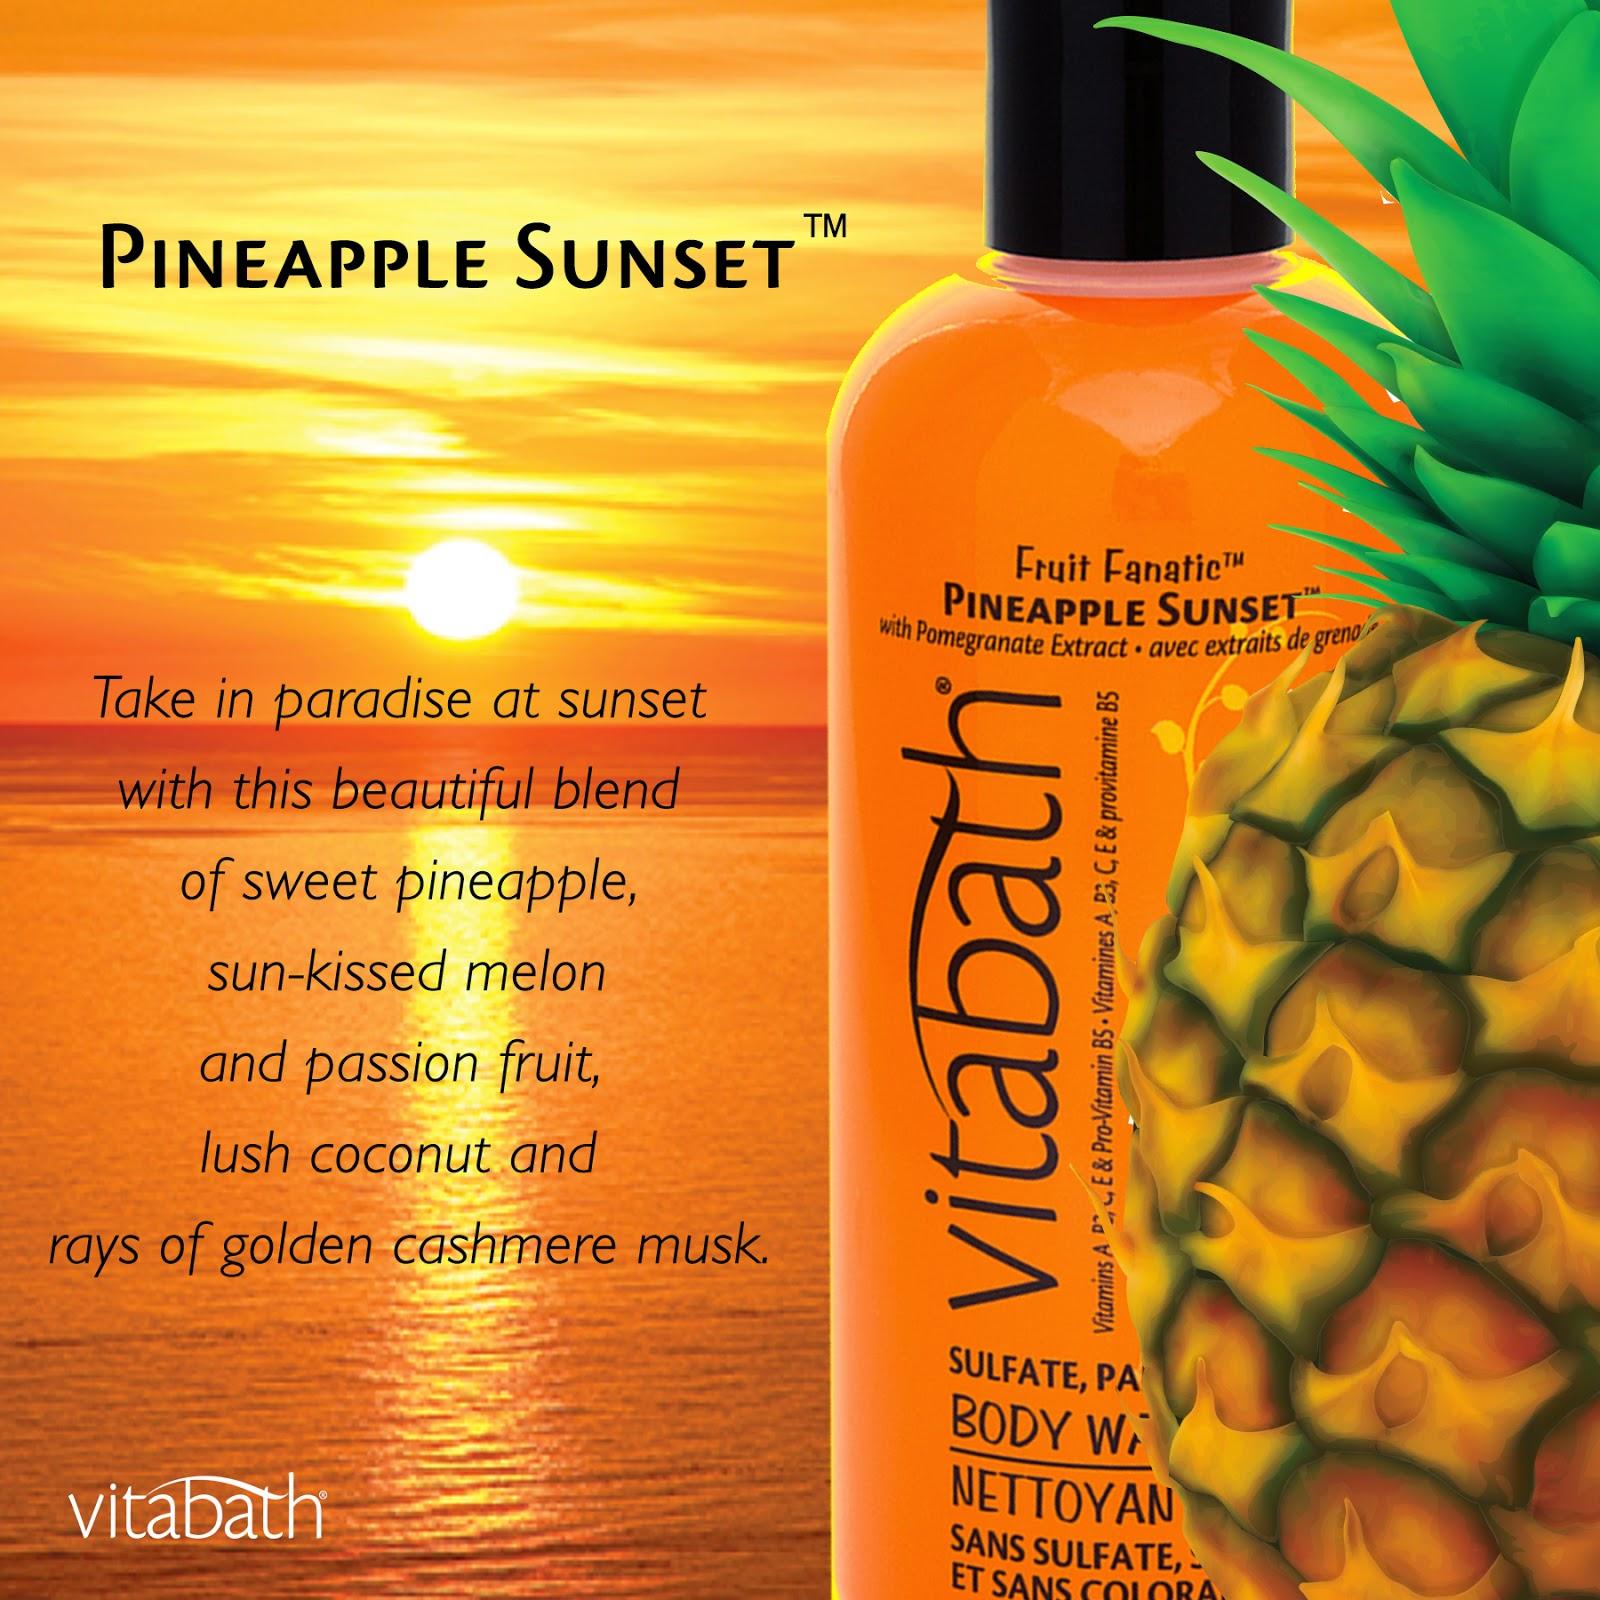 Vitabath #FruityFresh Spring Scents Pineapple Sunset Fragrance Mist